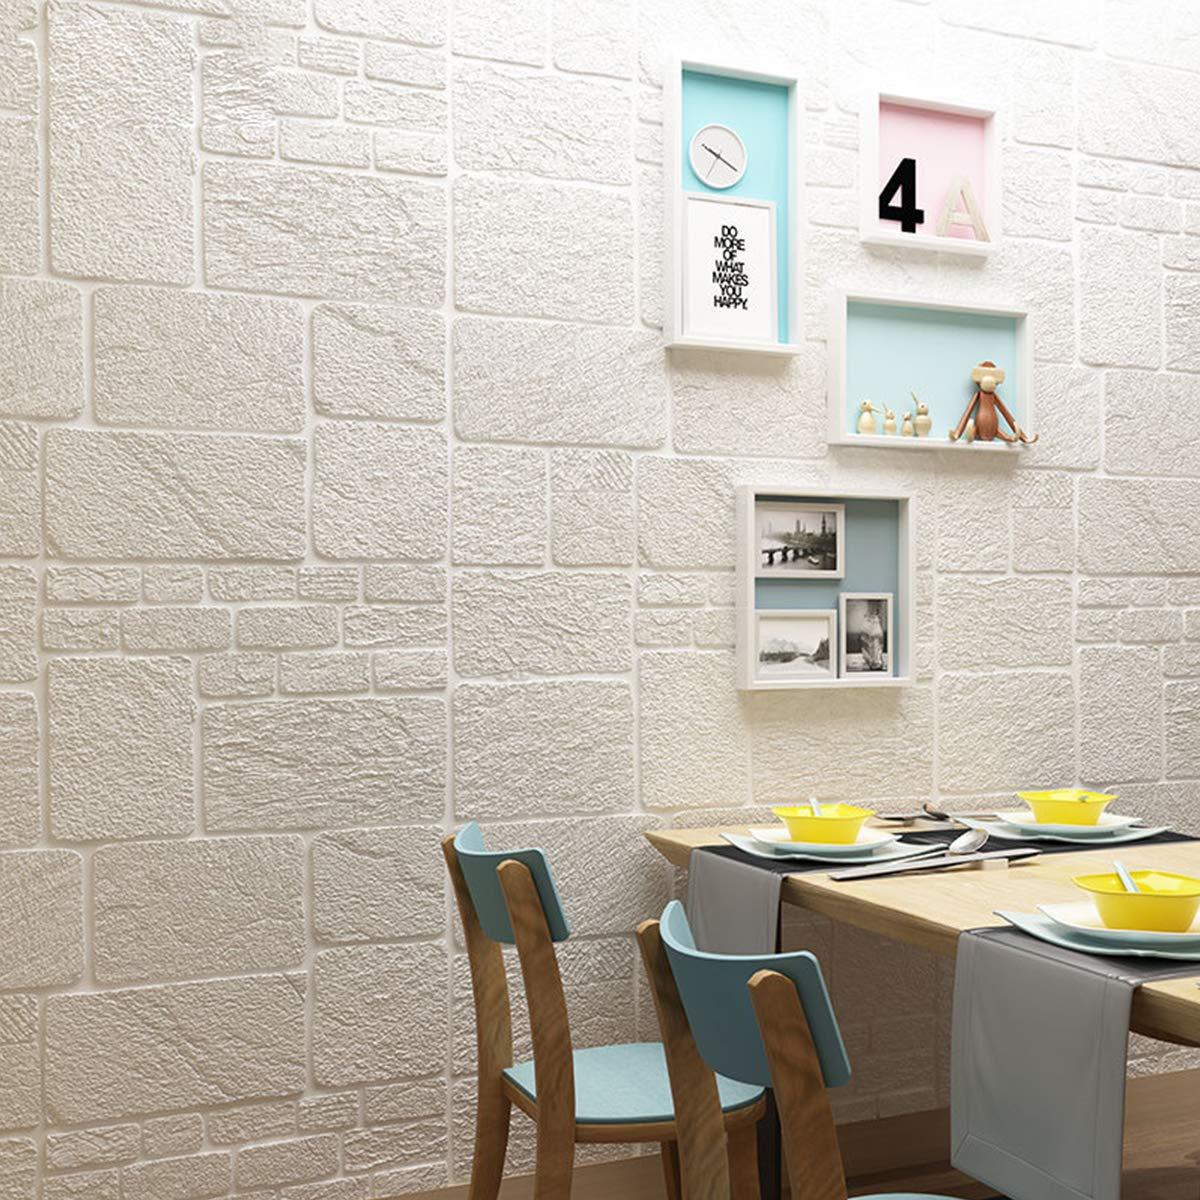 3d立体壁紙噪音防止diy壁紙 壁紙シール厚手加壁紙レンガ3d壁紙シール